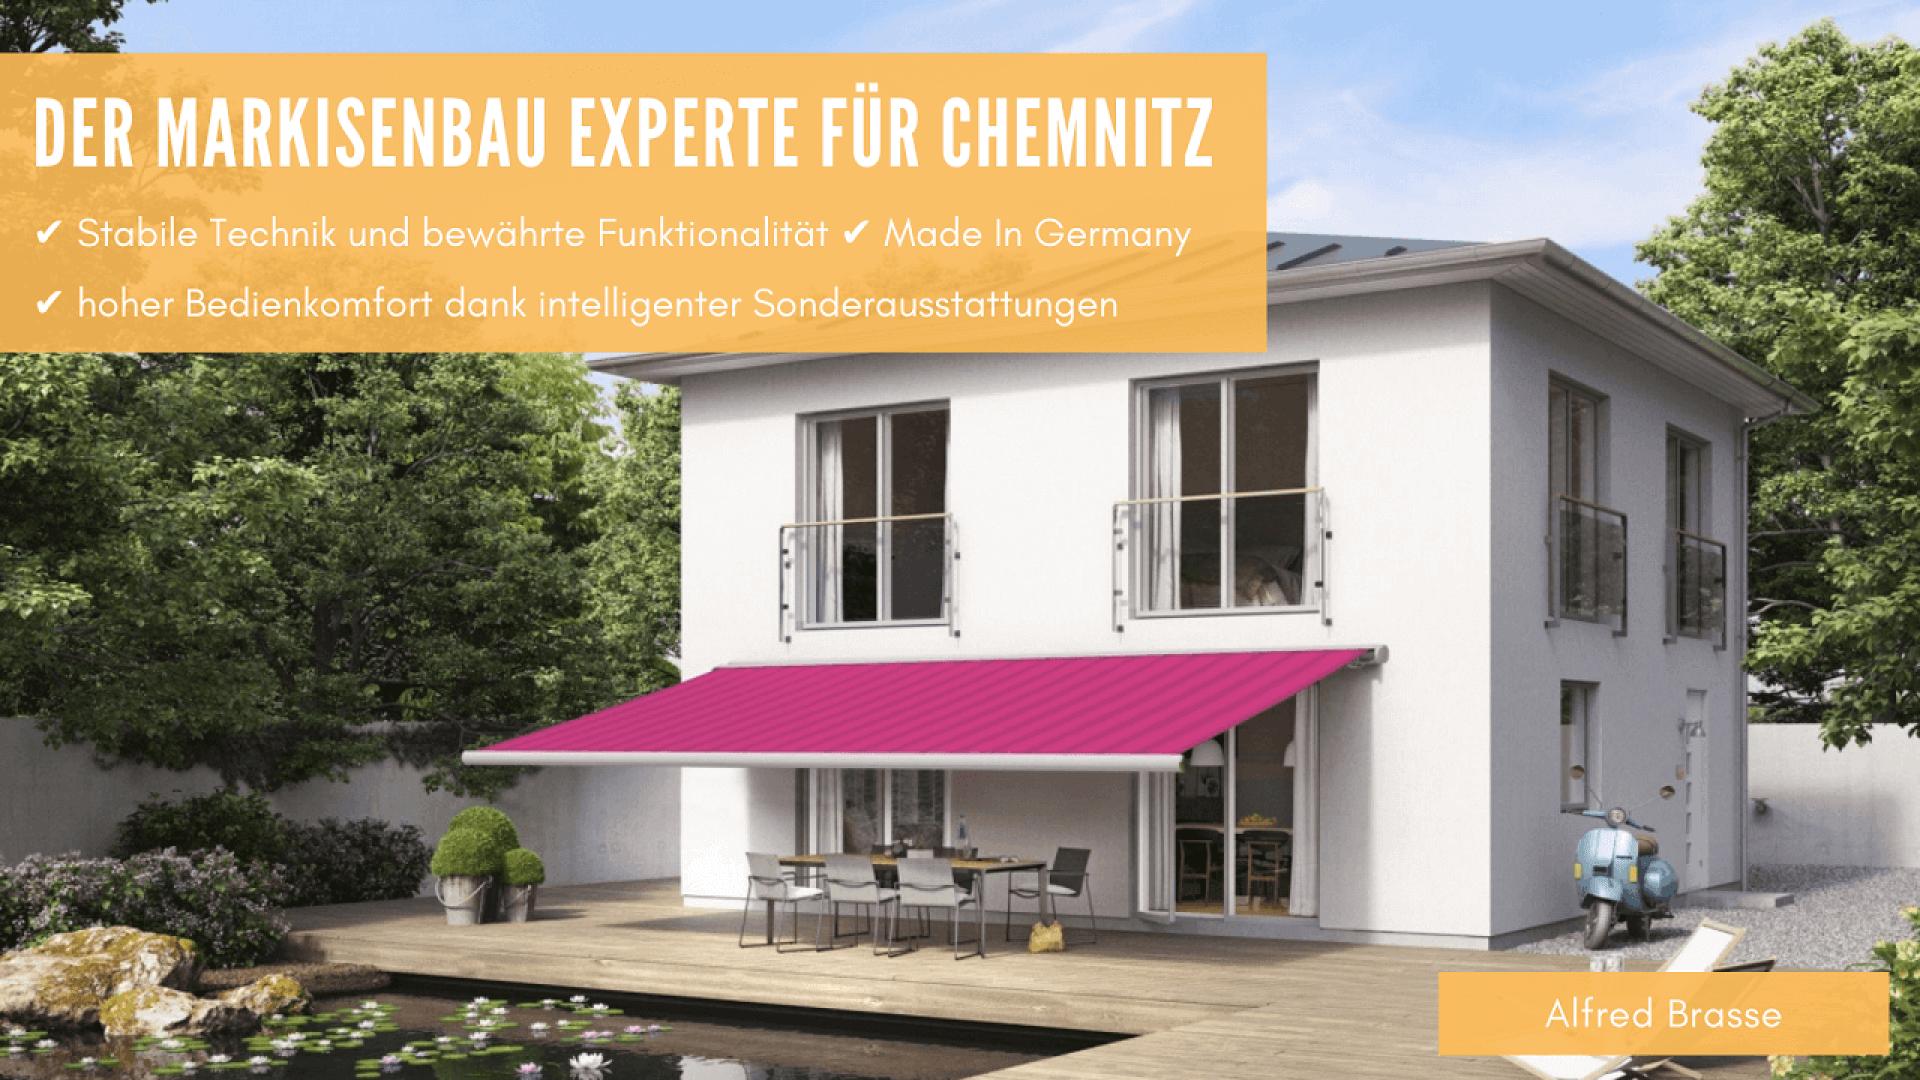 Markise vom Markisenbau Experten in Chemnitz